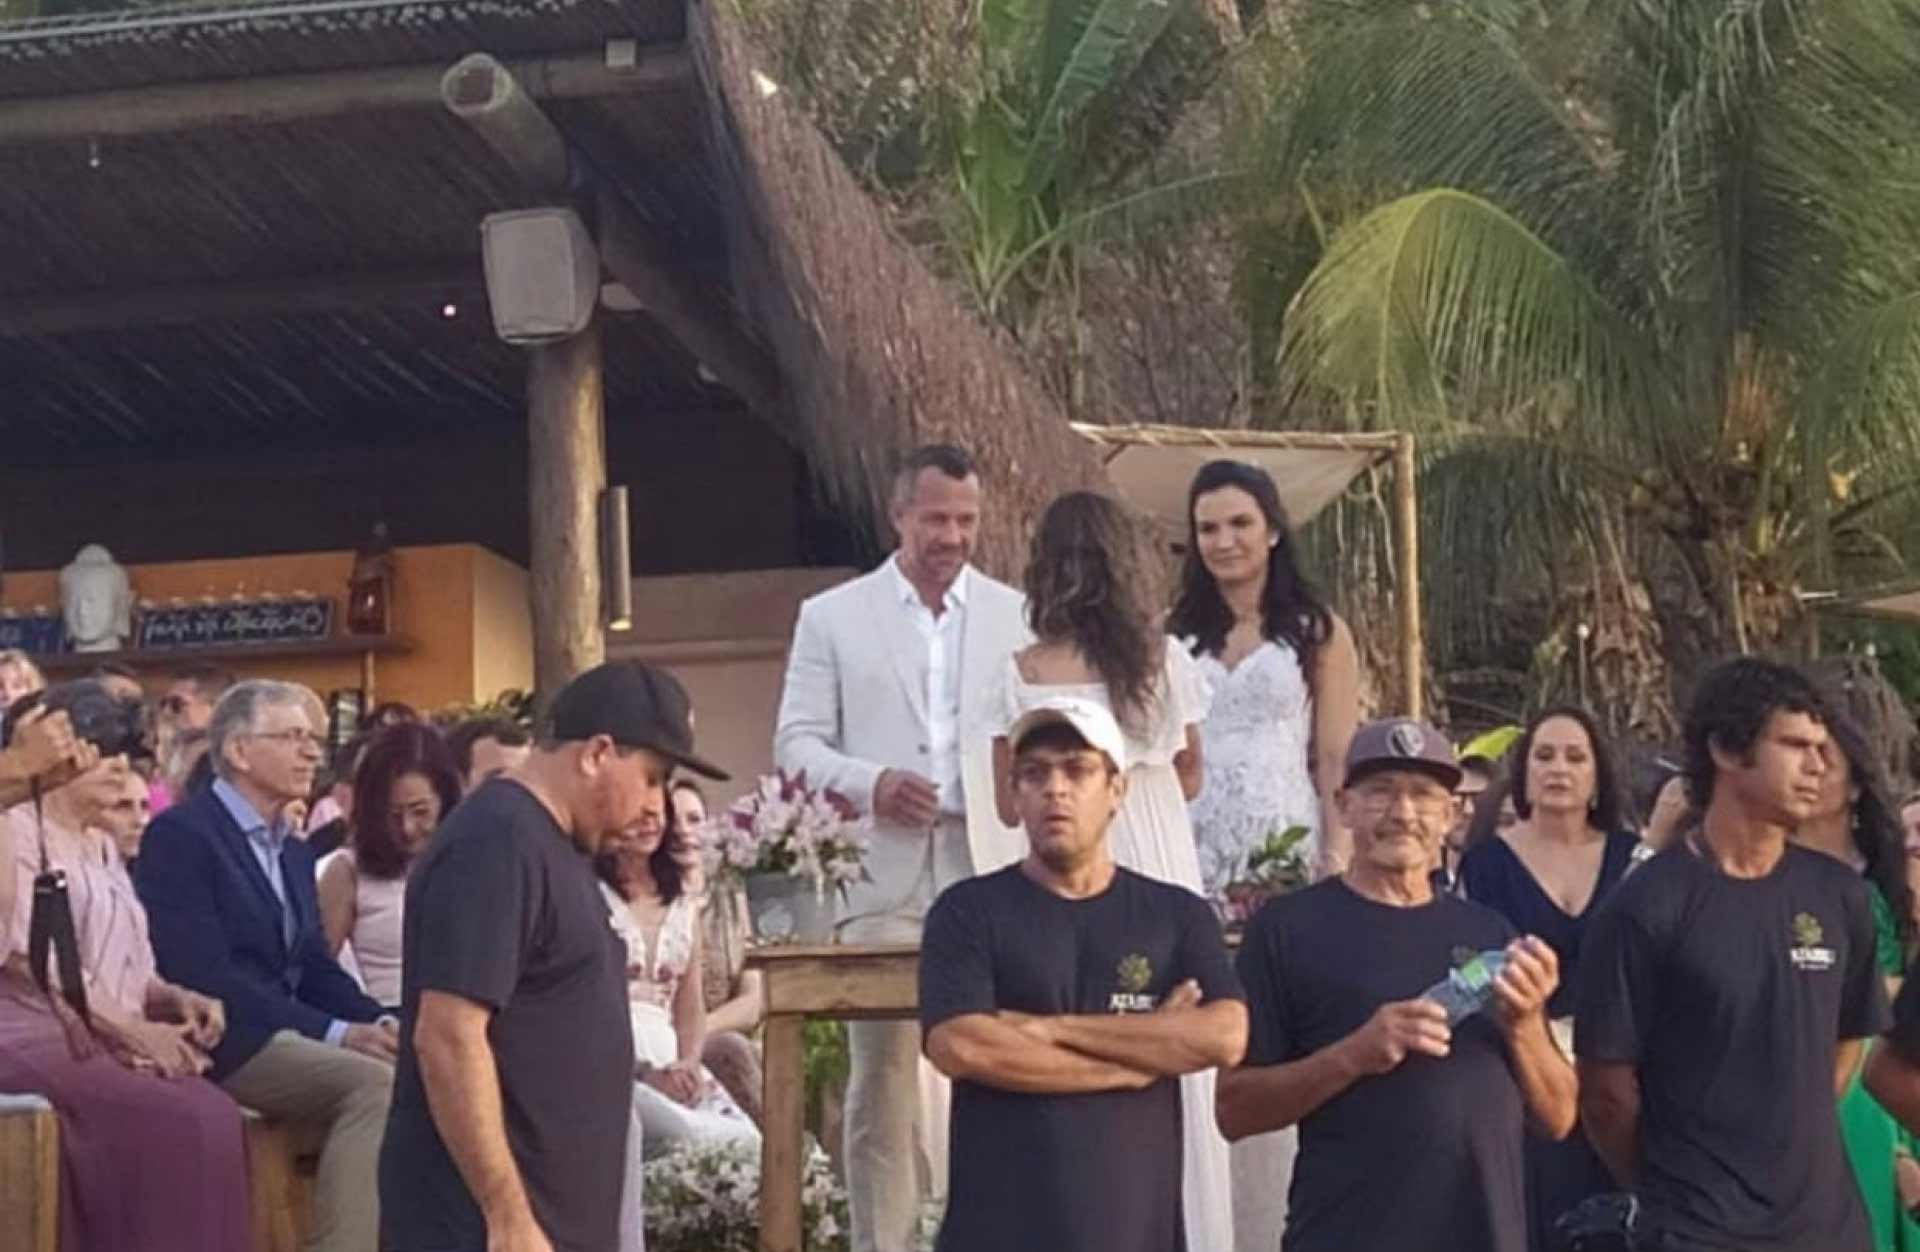 Malvino Salvador e Kyra Gracie se casam em Noronha. Veja fotos do vestido da noiva!